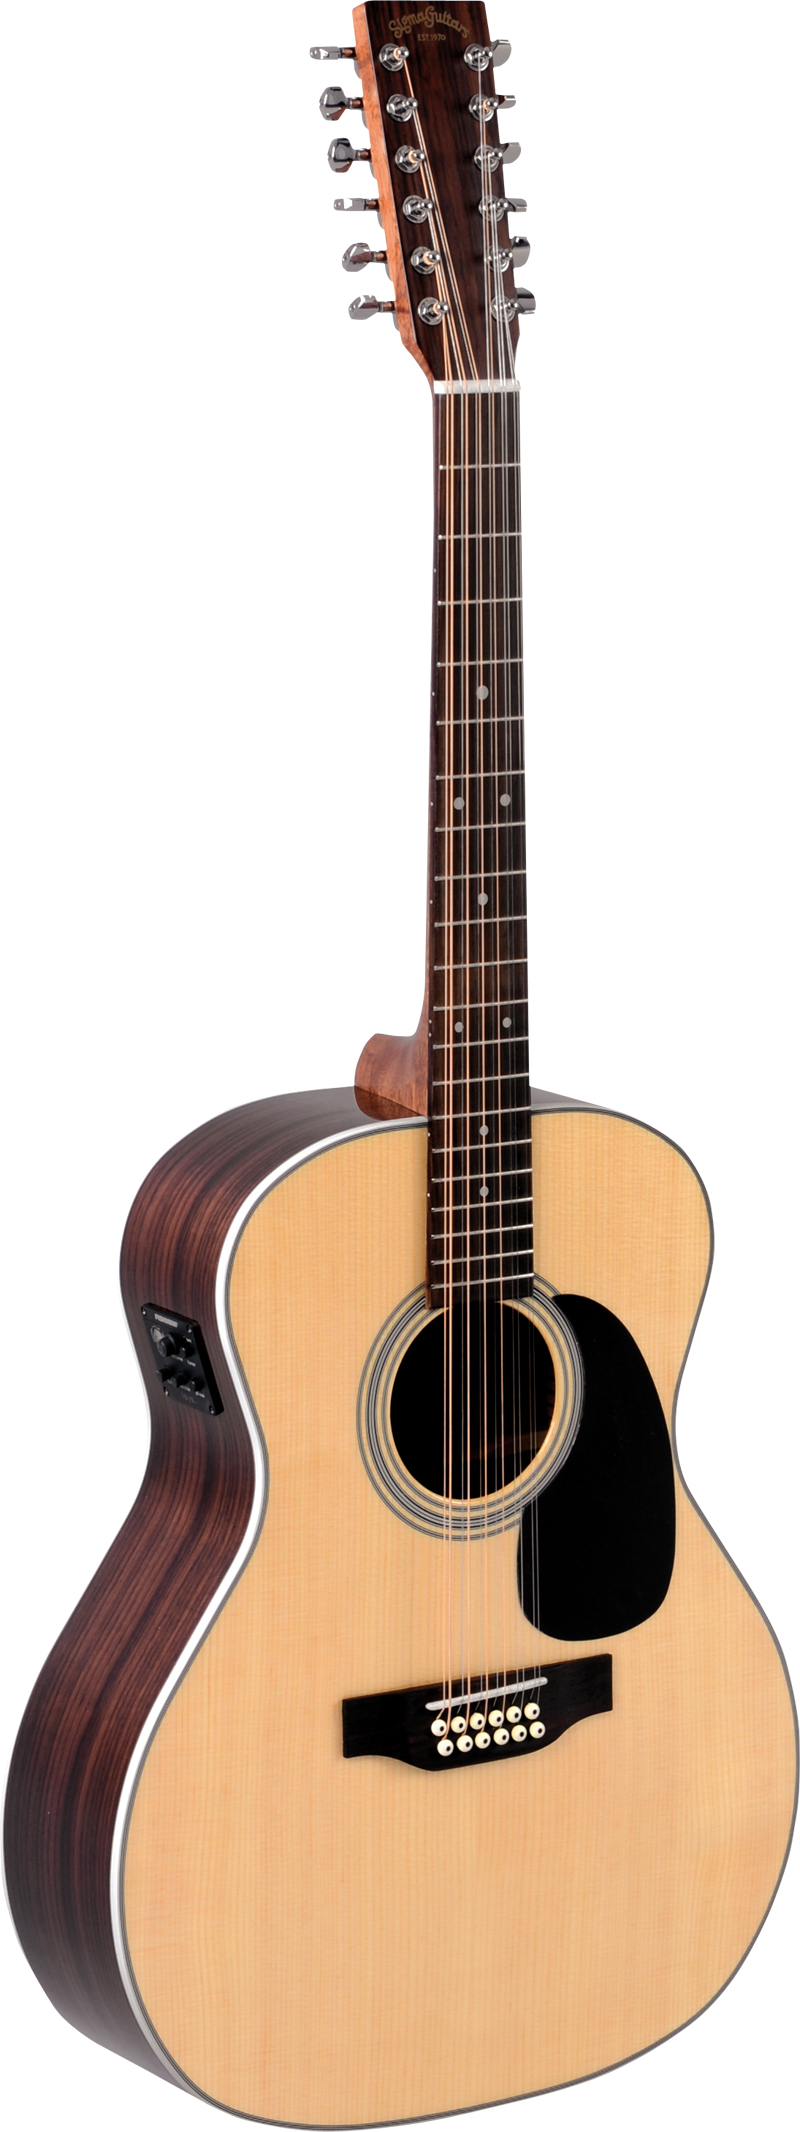 Billede af Sigma JR12-1STE western-guitar,12-strenget natur